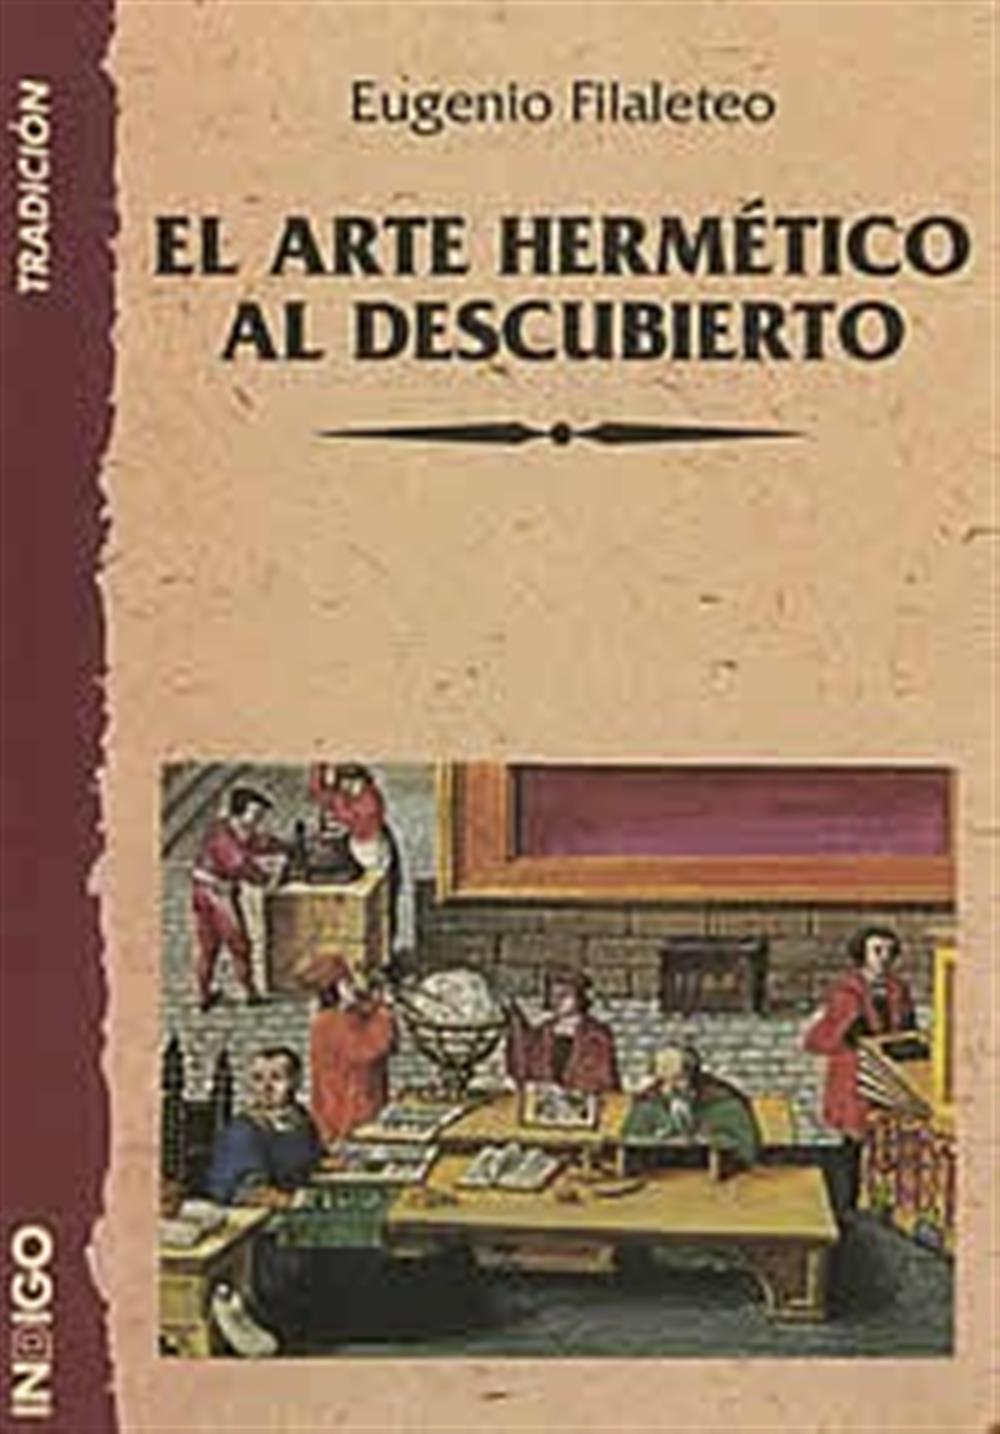 El Arte Hermético al descubierto